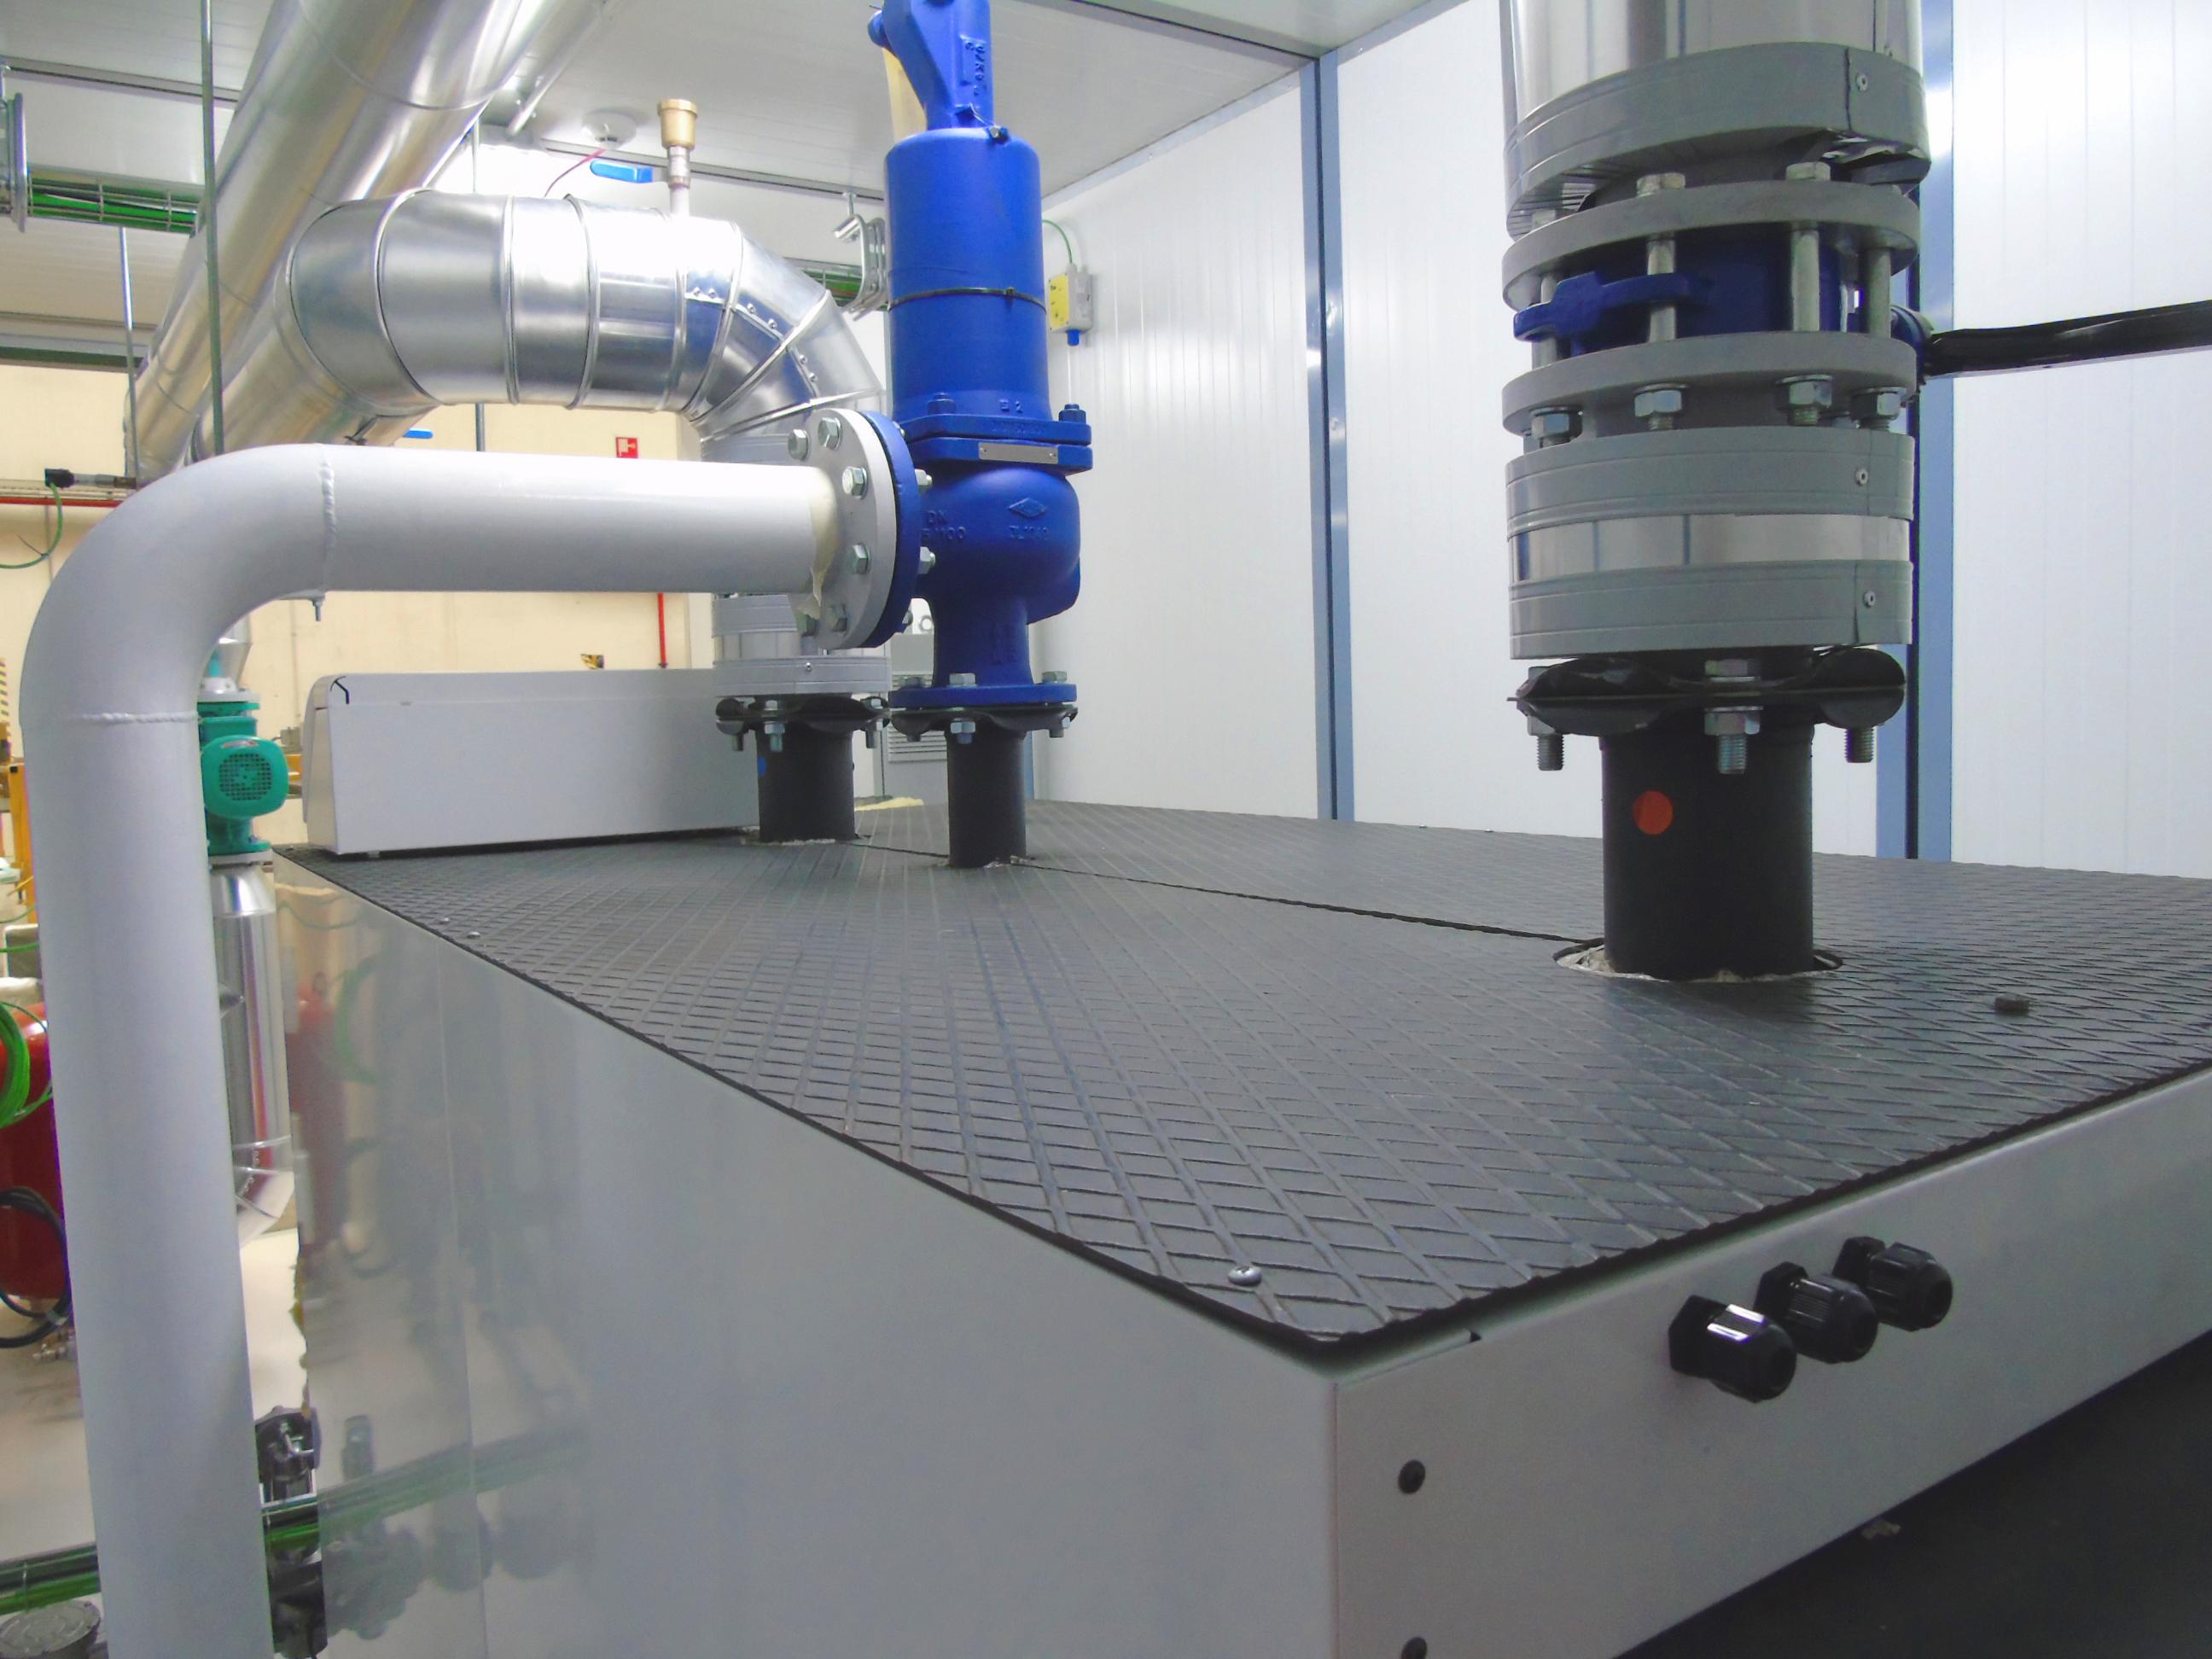 06Contenedor de Calefacción-Planta de Biogás de 1MW en Stracathro Reino Unido-Contenedor de calefaccion-Stracathro-QILA